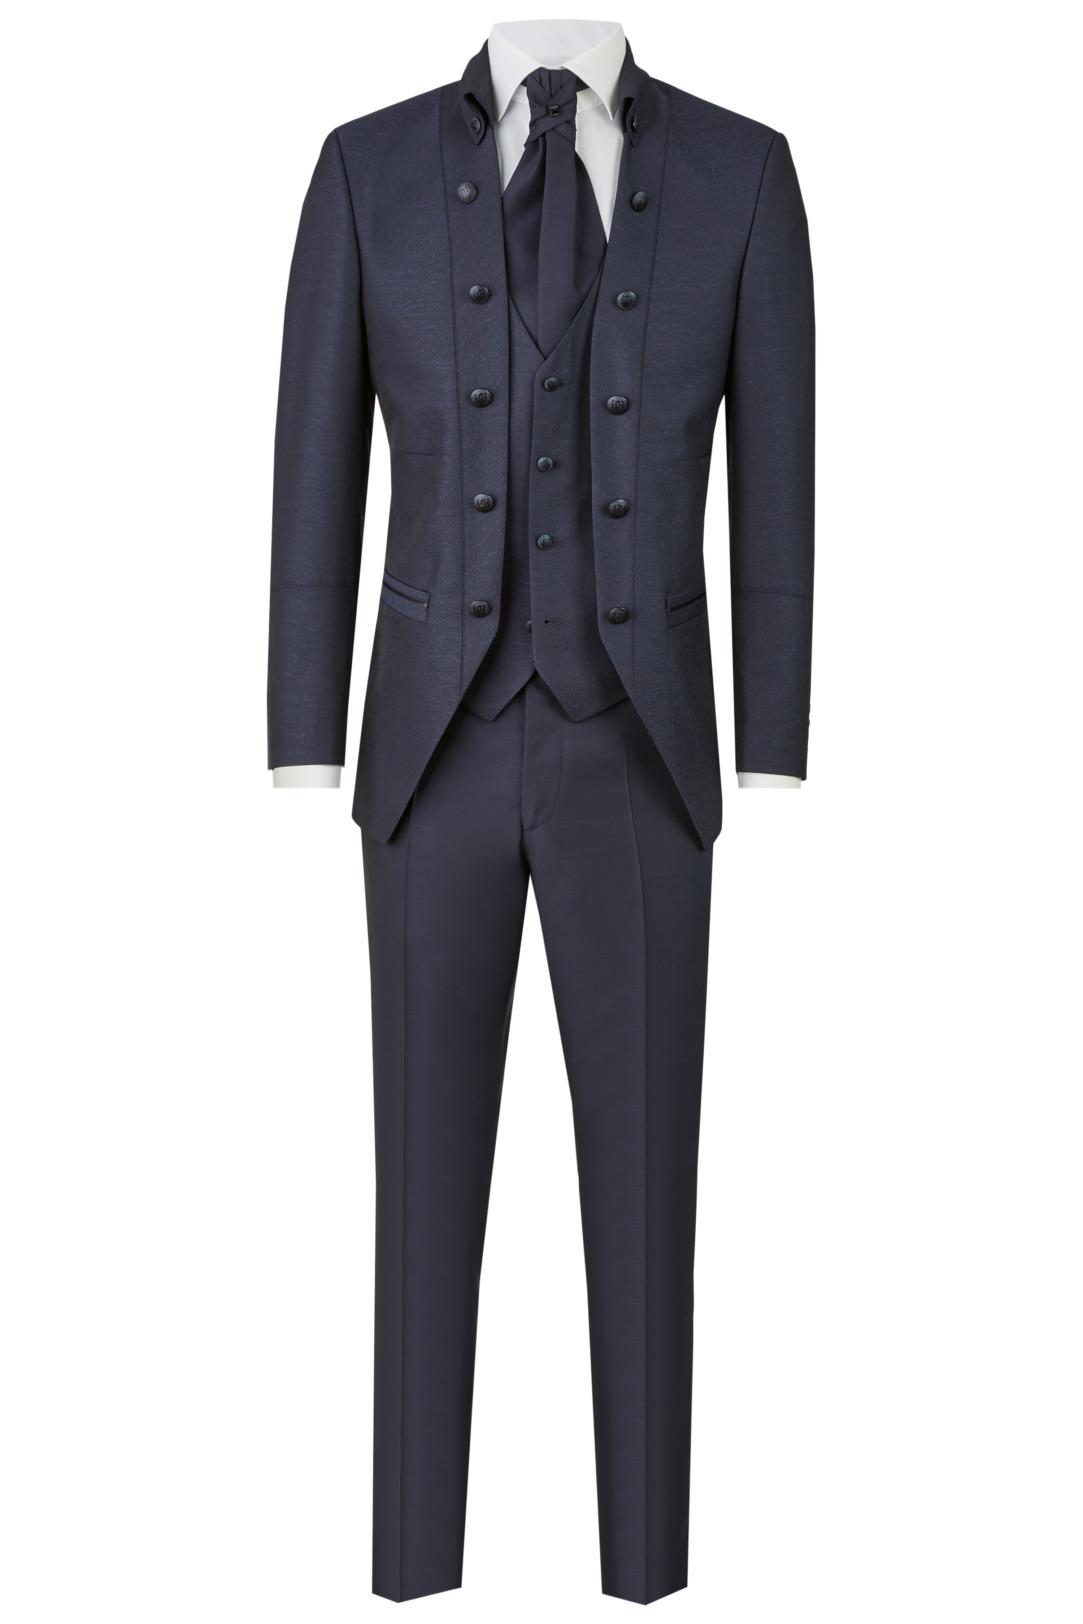 Wilvorst Tziacco Hochzeitsanzug Männer Mode Bräutigam extravagant dunkelblau wil_0121_otf_tz-look-6_1